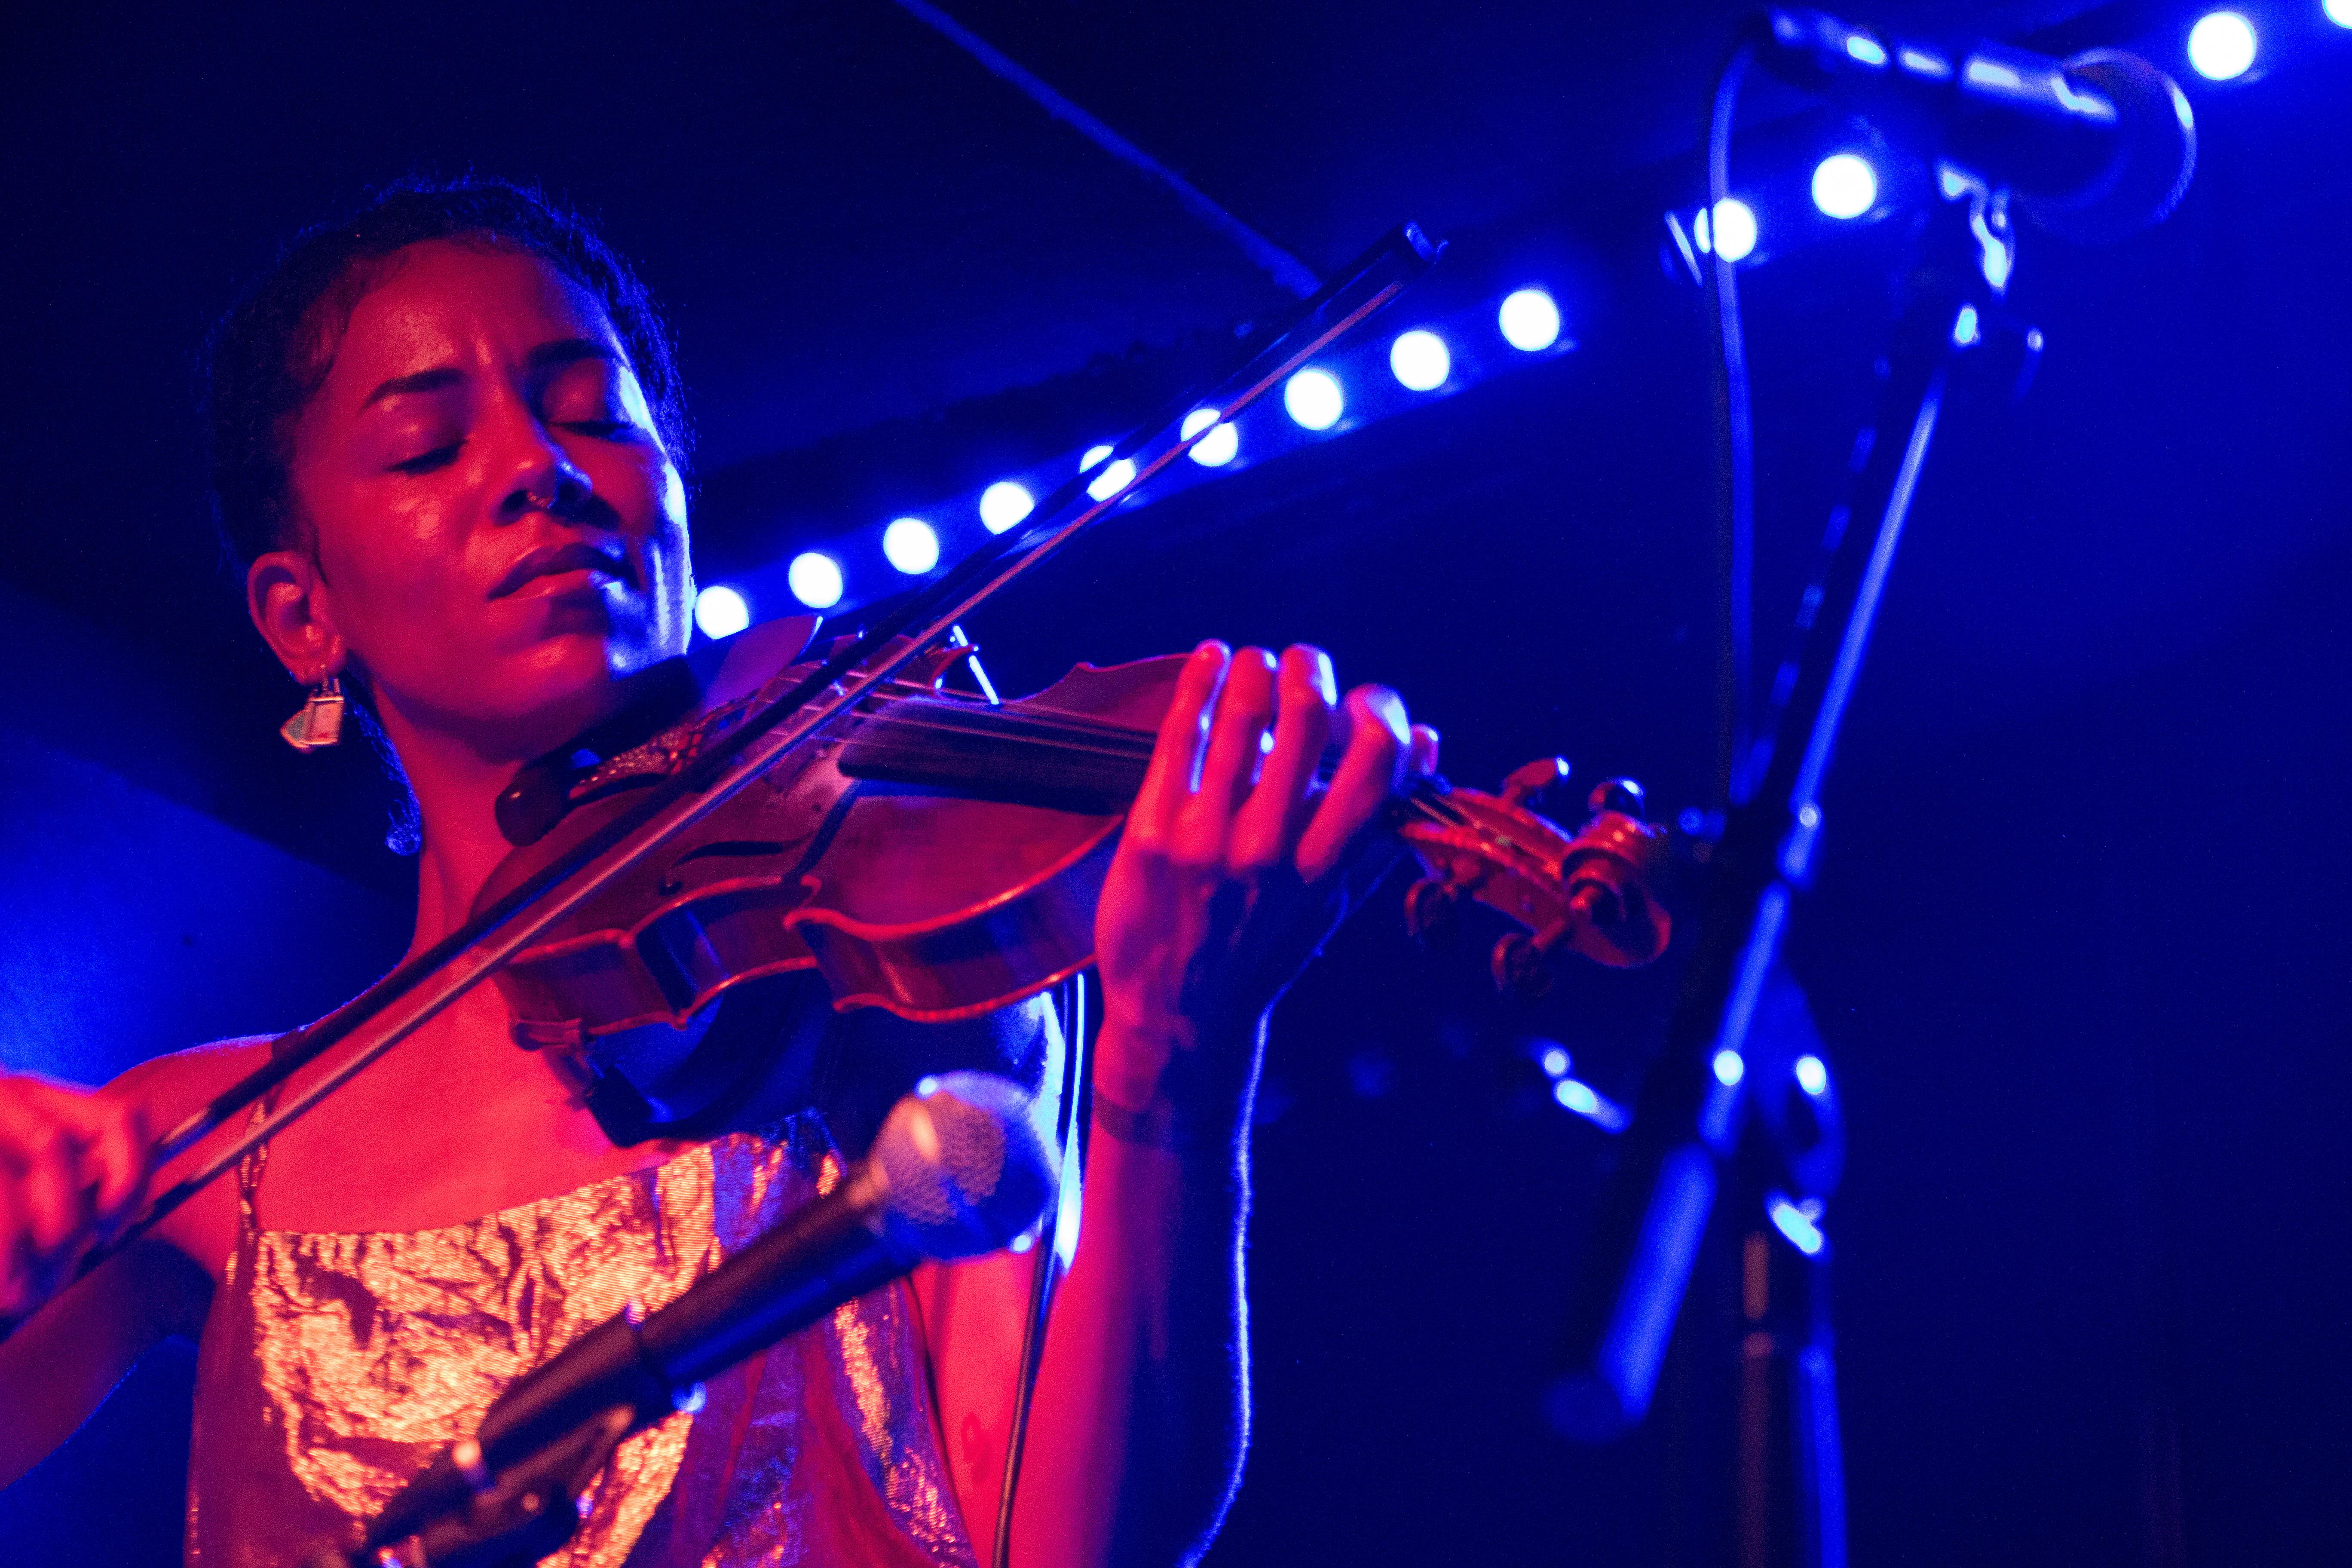 Charles plays her bejeweled violin